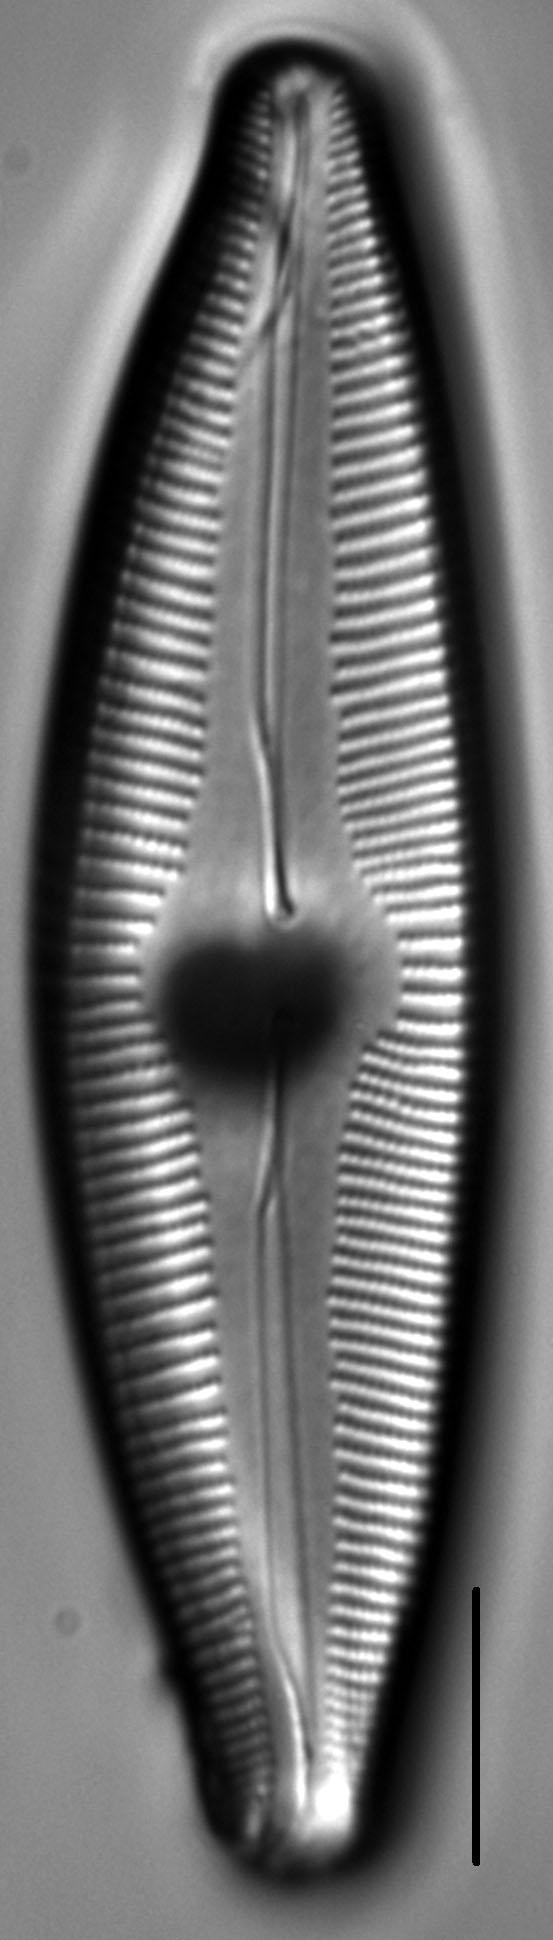 Cymbopleura edlundii LM4